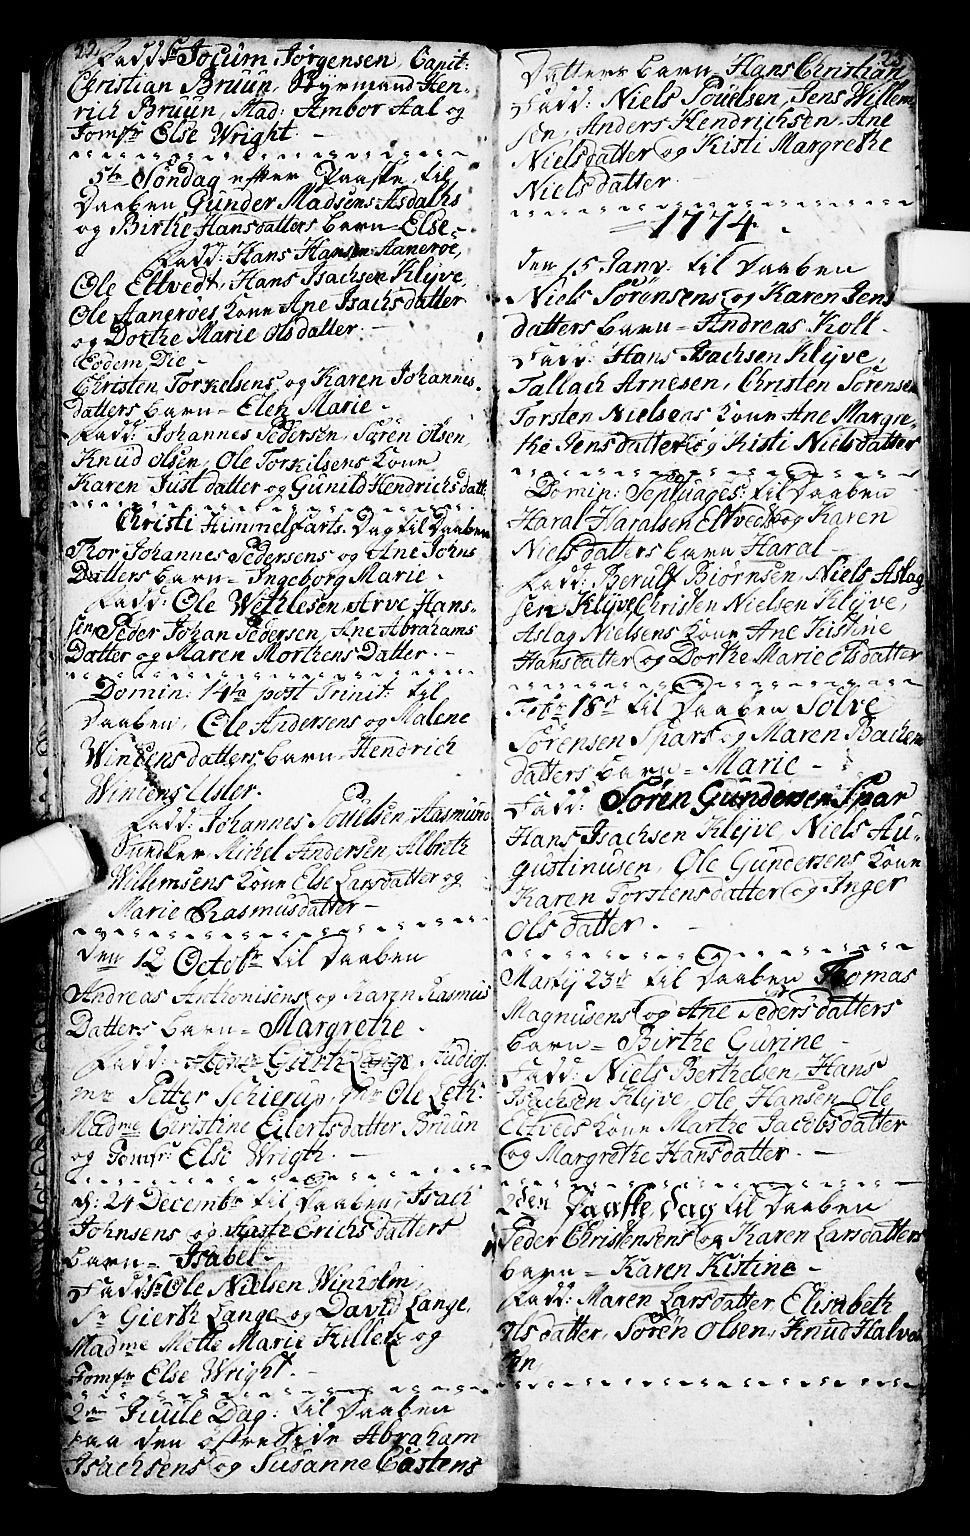 SAKO, Porsgrunn kirkebøker , G/Ga/L0001: Klokkerbok nr. I 1, 1766-1790, s. 22-23